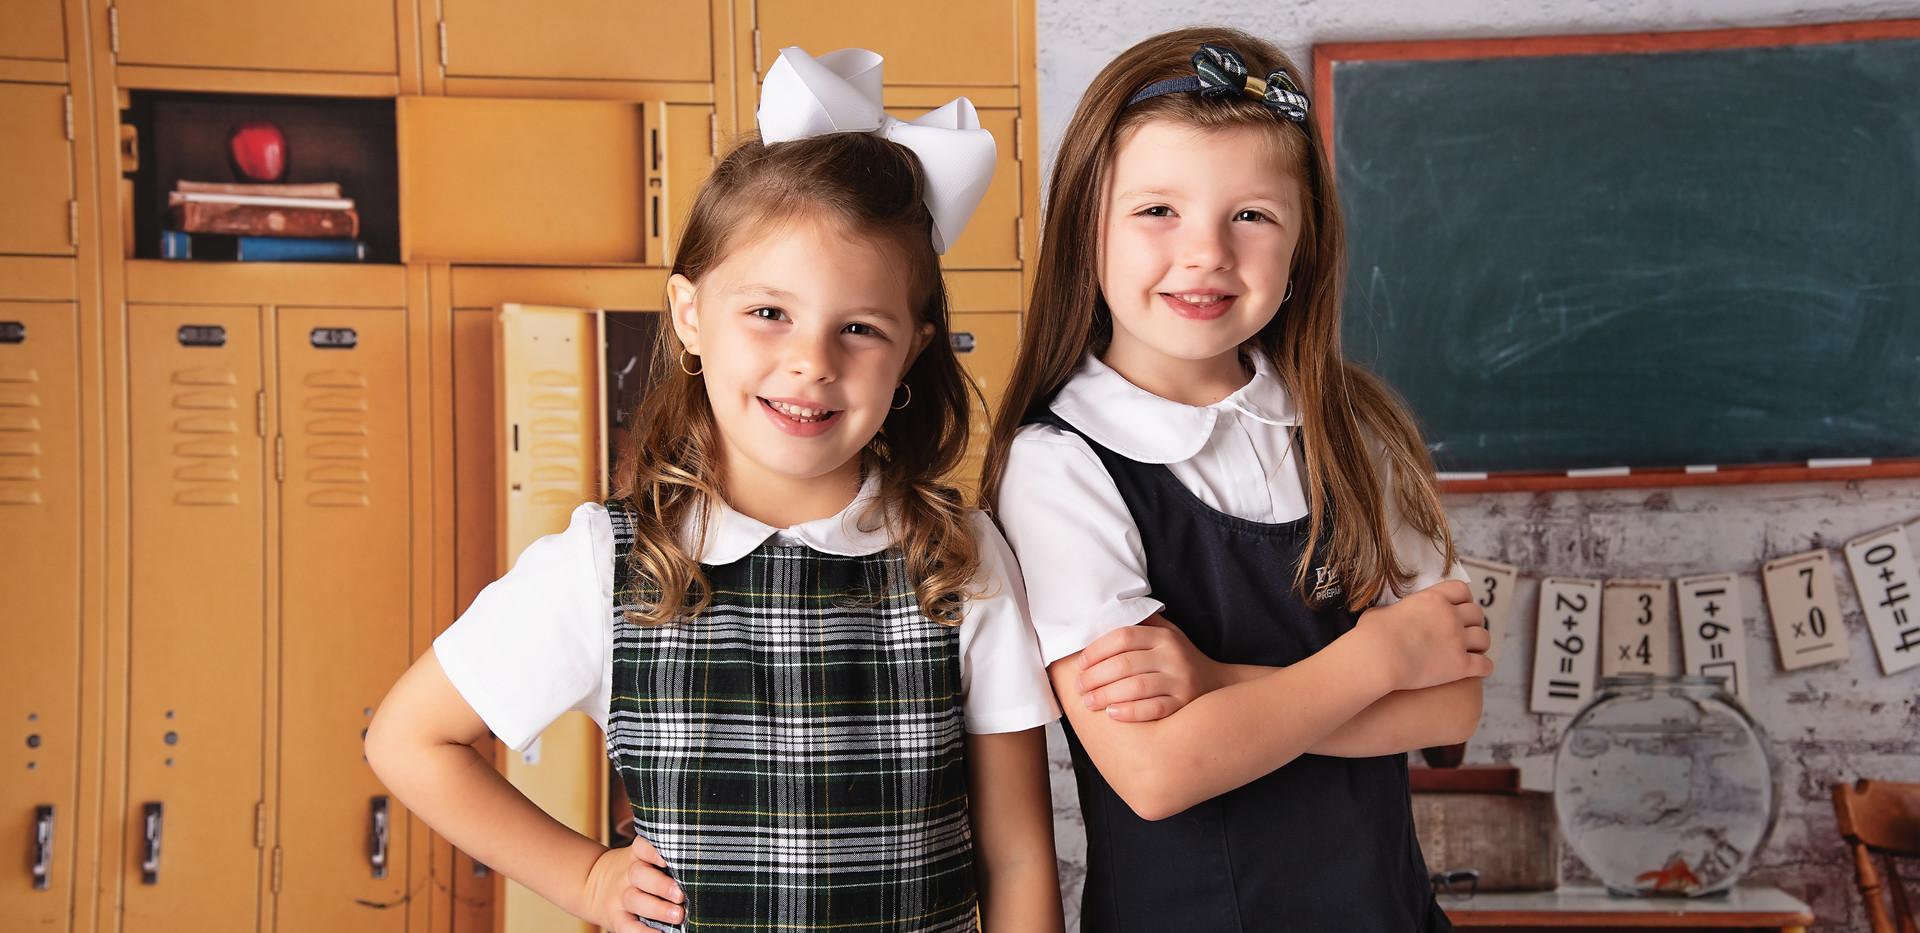 BacktoSchoolAryia&Harper-1.jpg